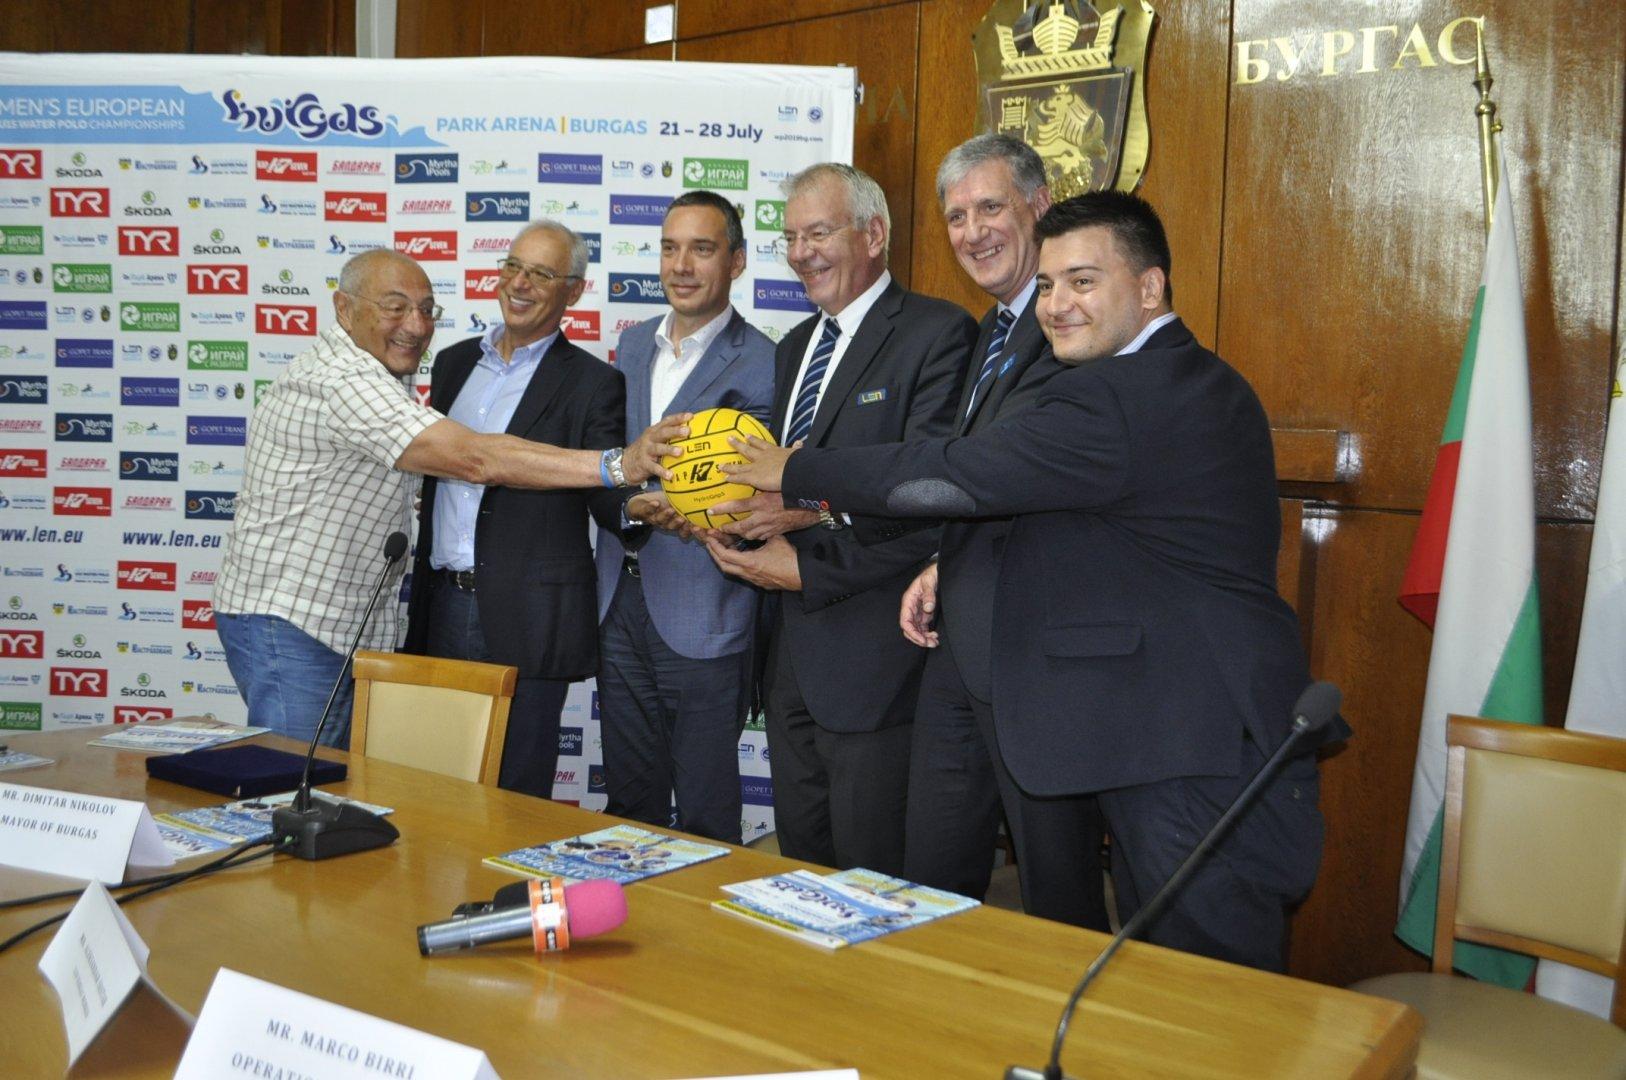 Състезанието е една възможност България отново да покаже своя потенциал, каза кметът Димитър Николов. Снимка Община Бургас